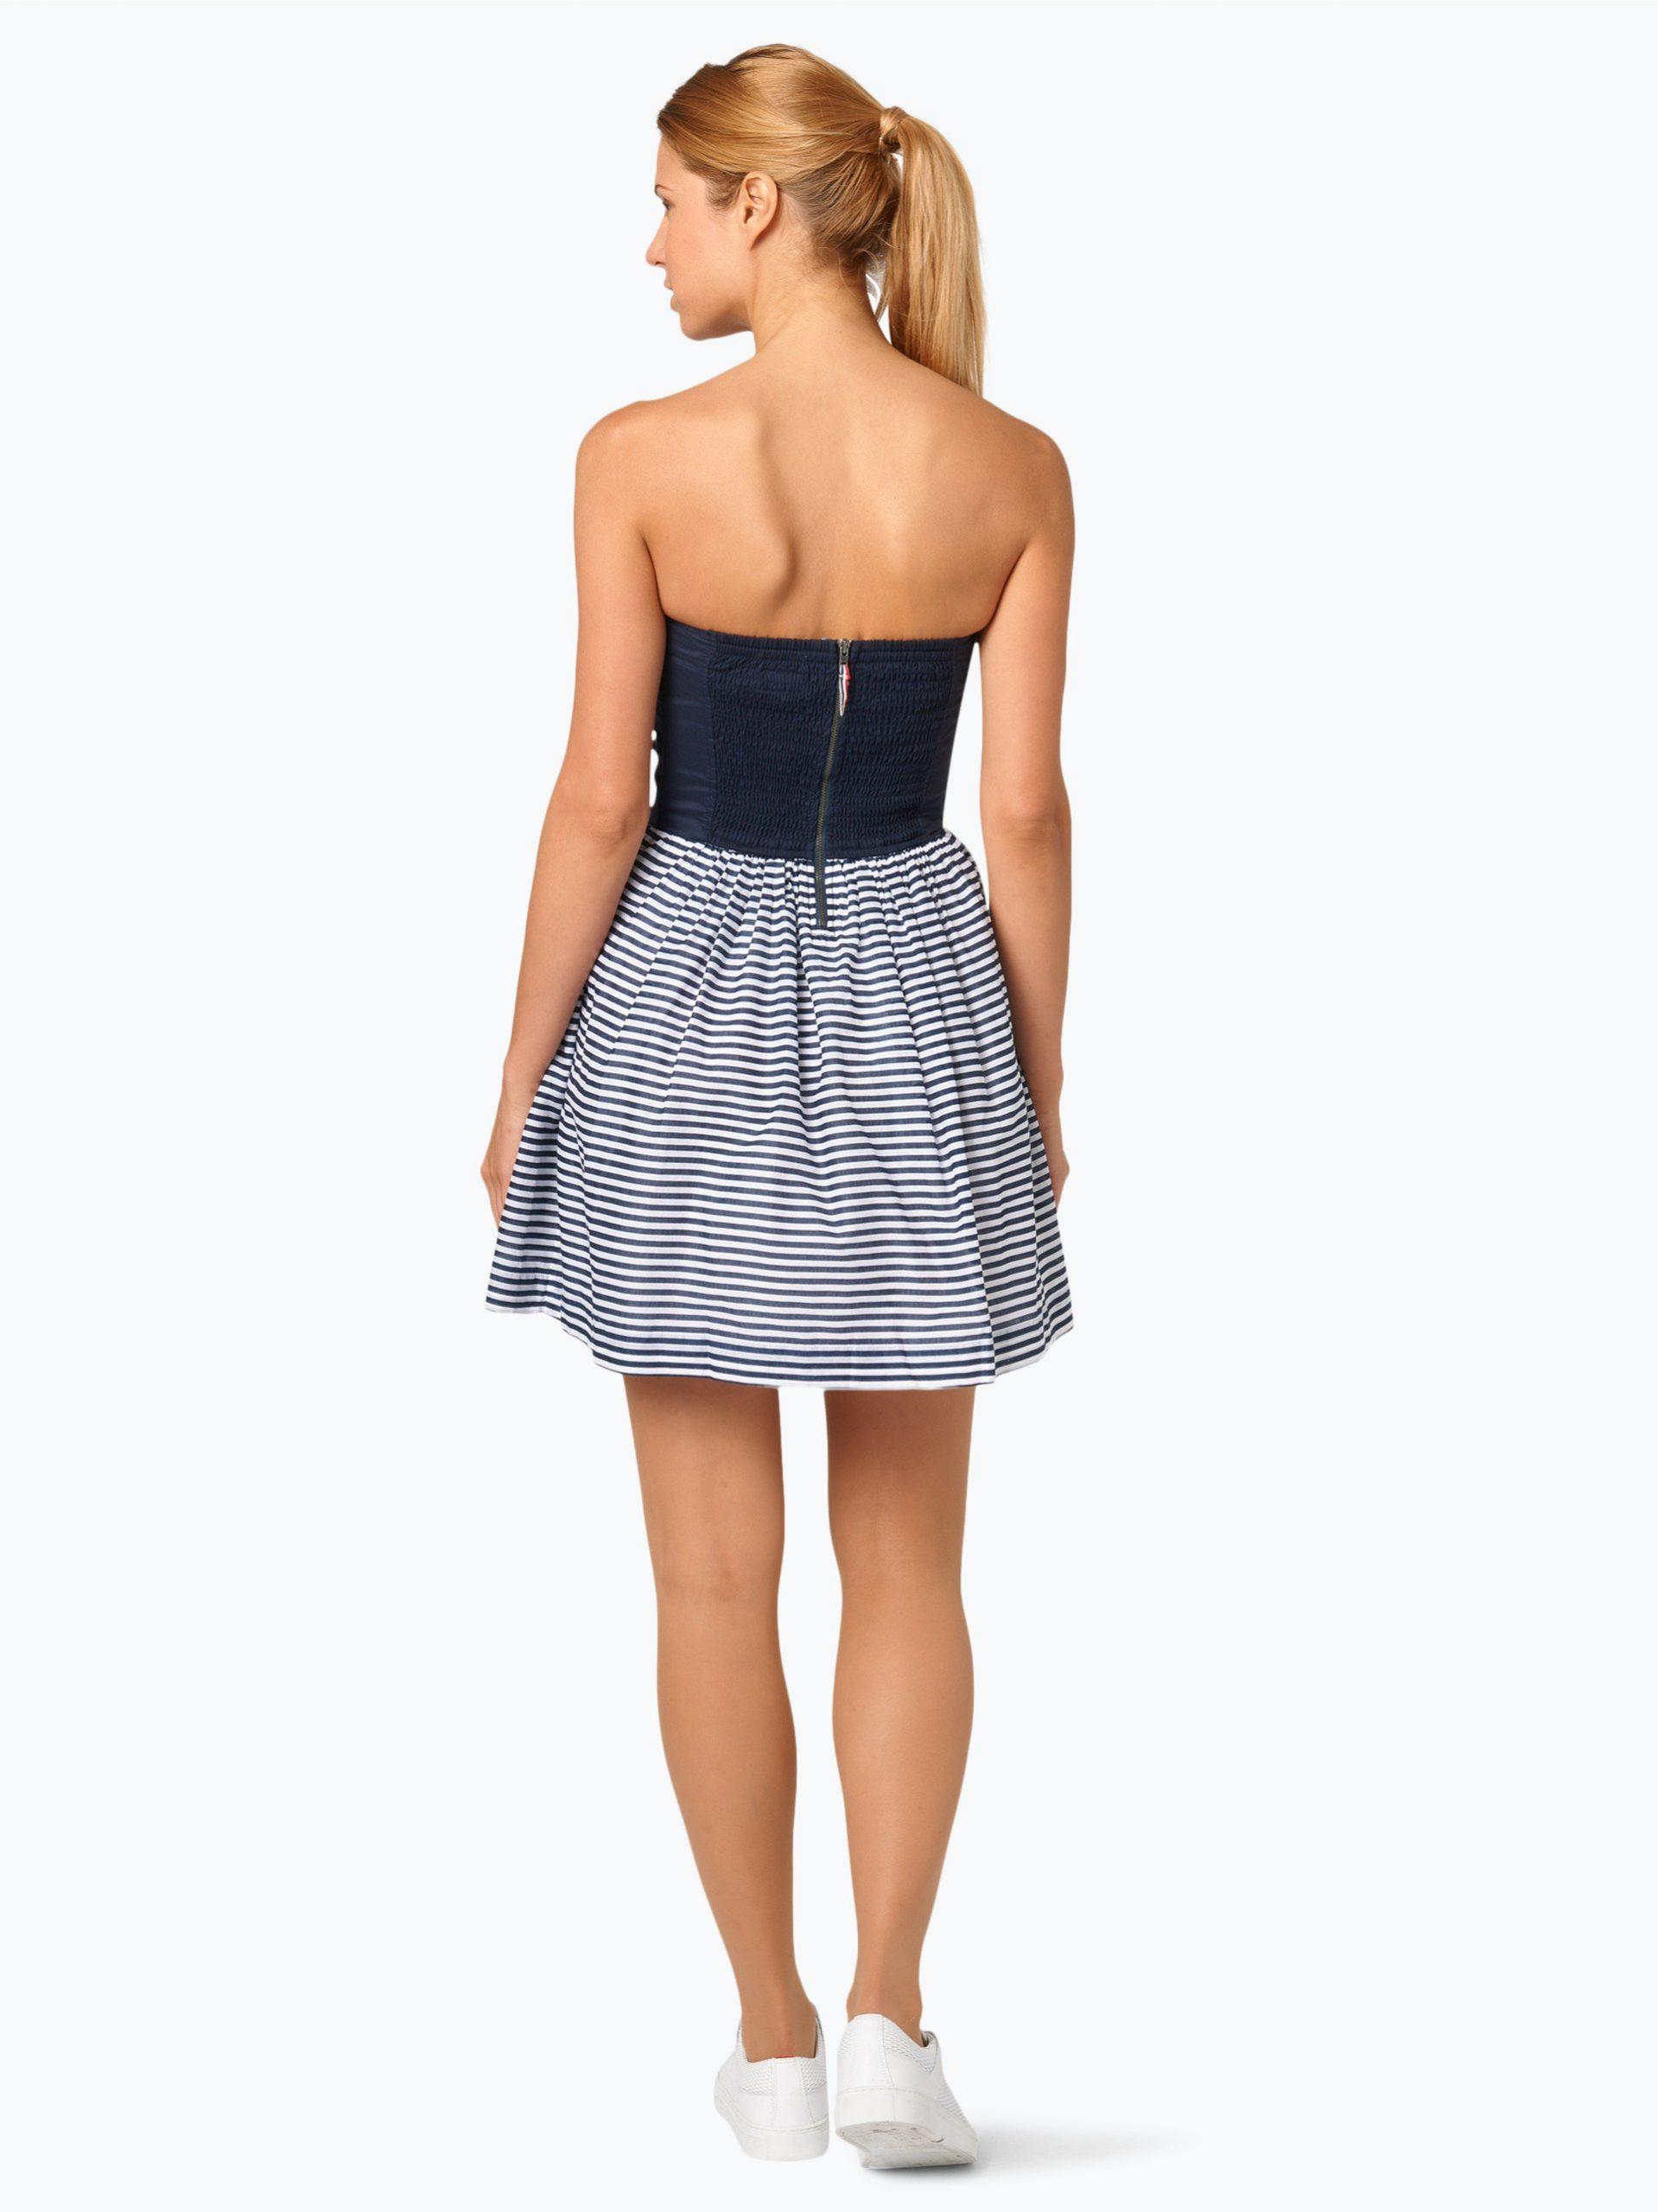 Tommy Jeans Damen Kleid Online Kaufen  Peekund